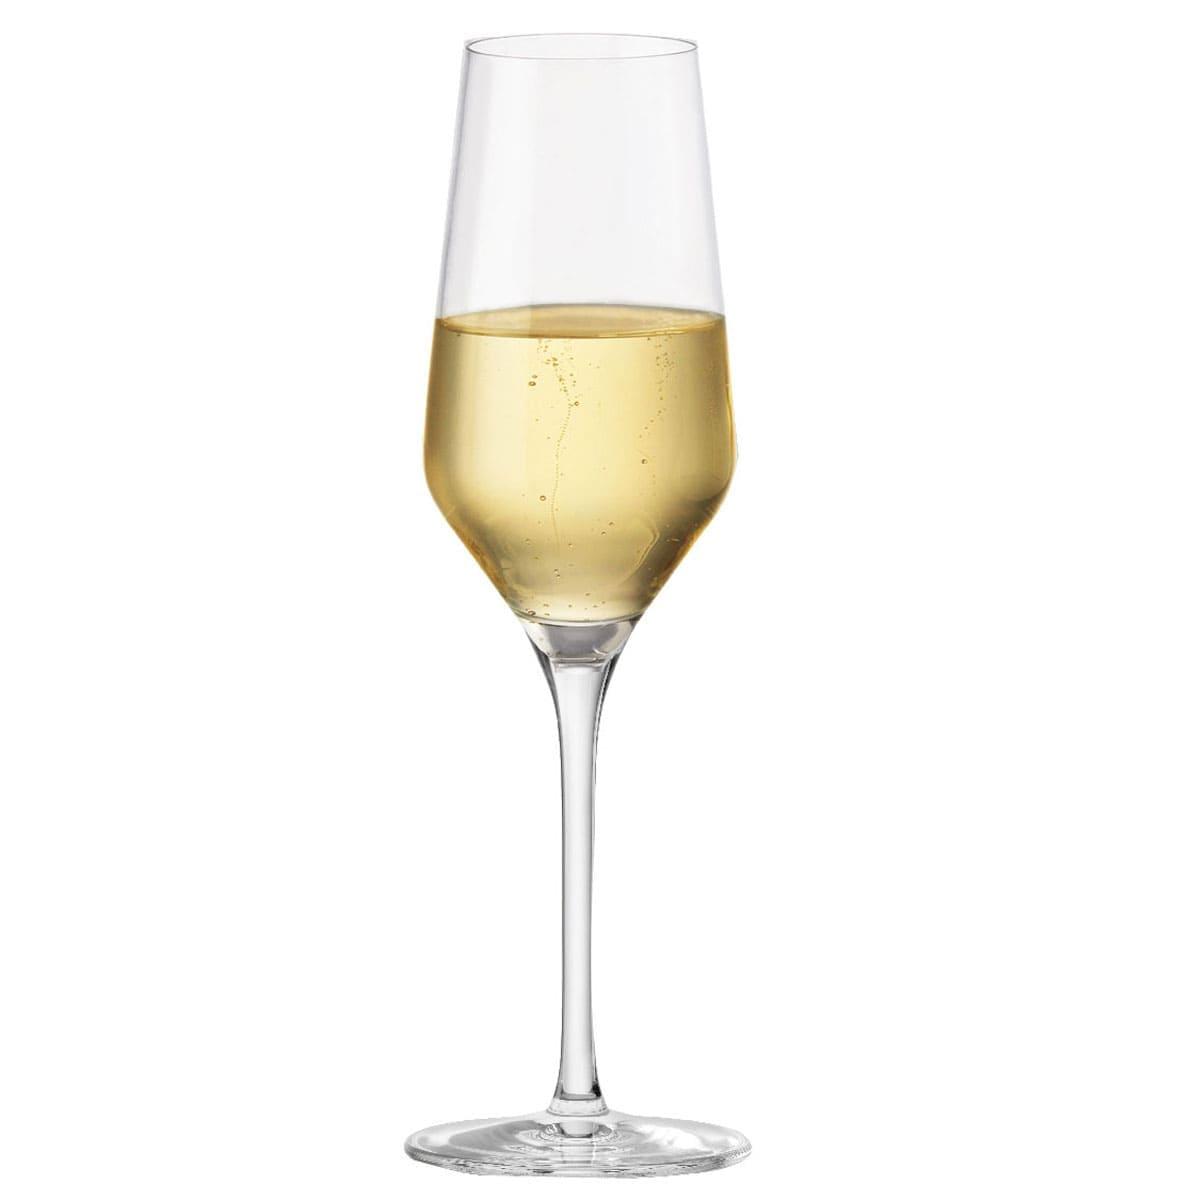 Taça Passion Champagne 240ml (Caixa com 12 unidades)